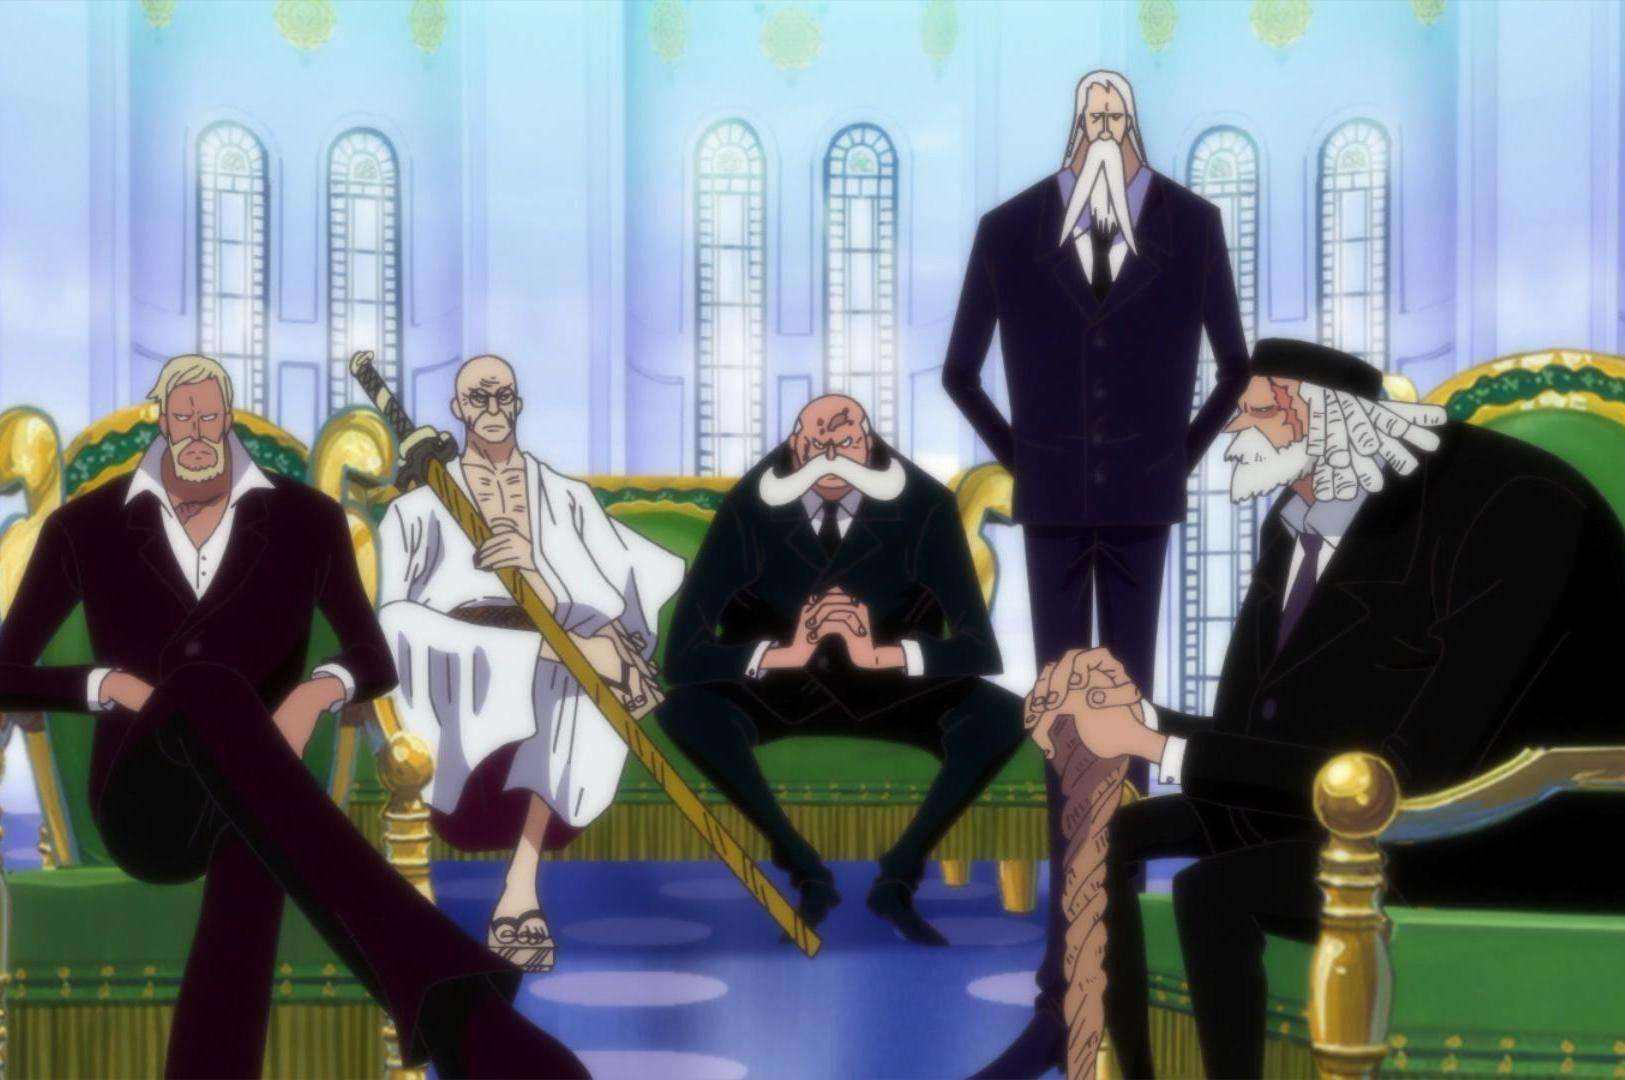 原创海贼王中,四皇和革命军联手能不能团灭海军政府和天龙人?